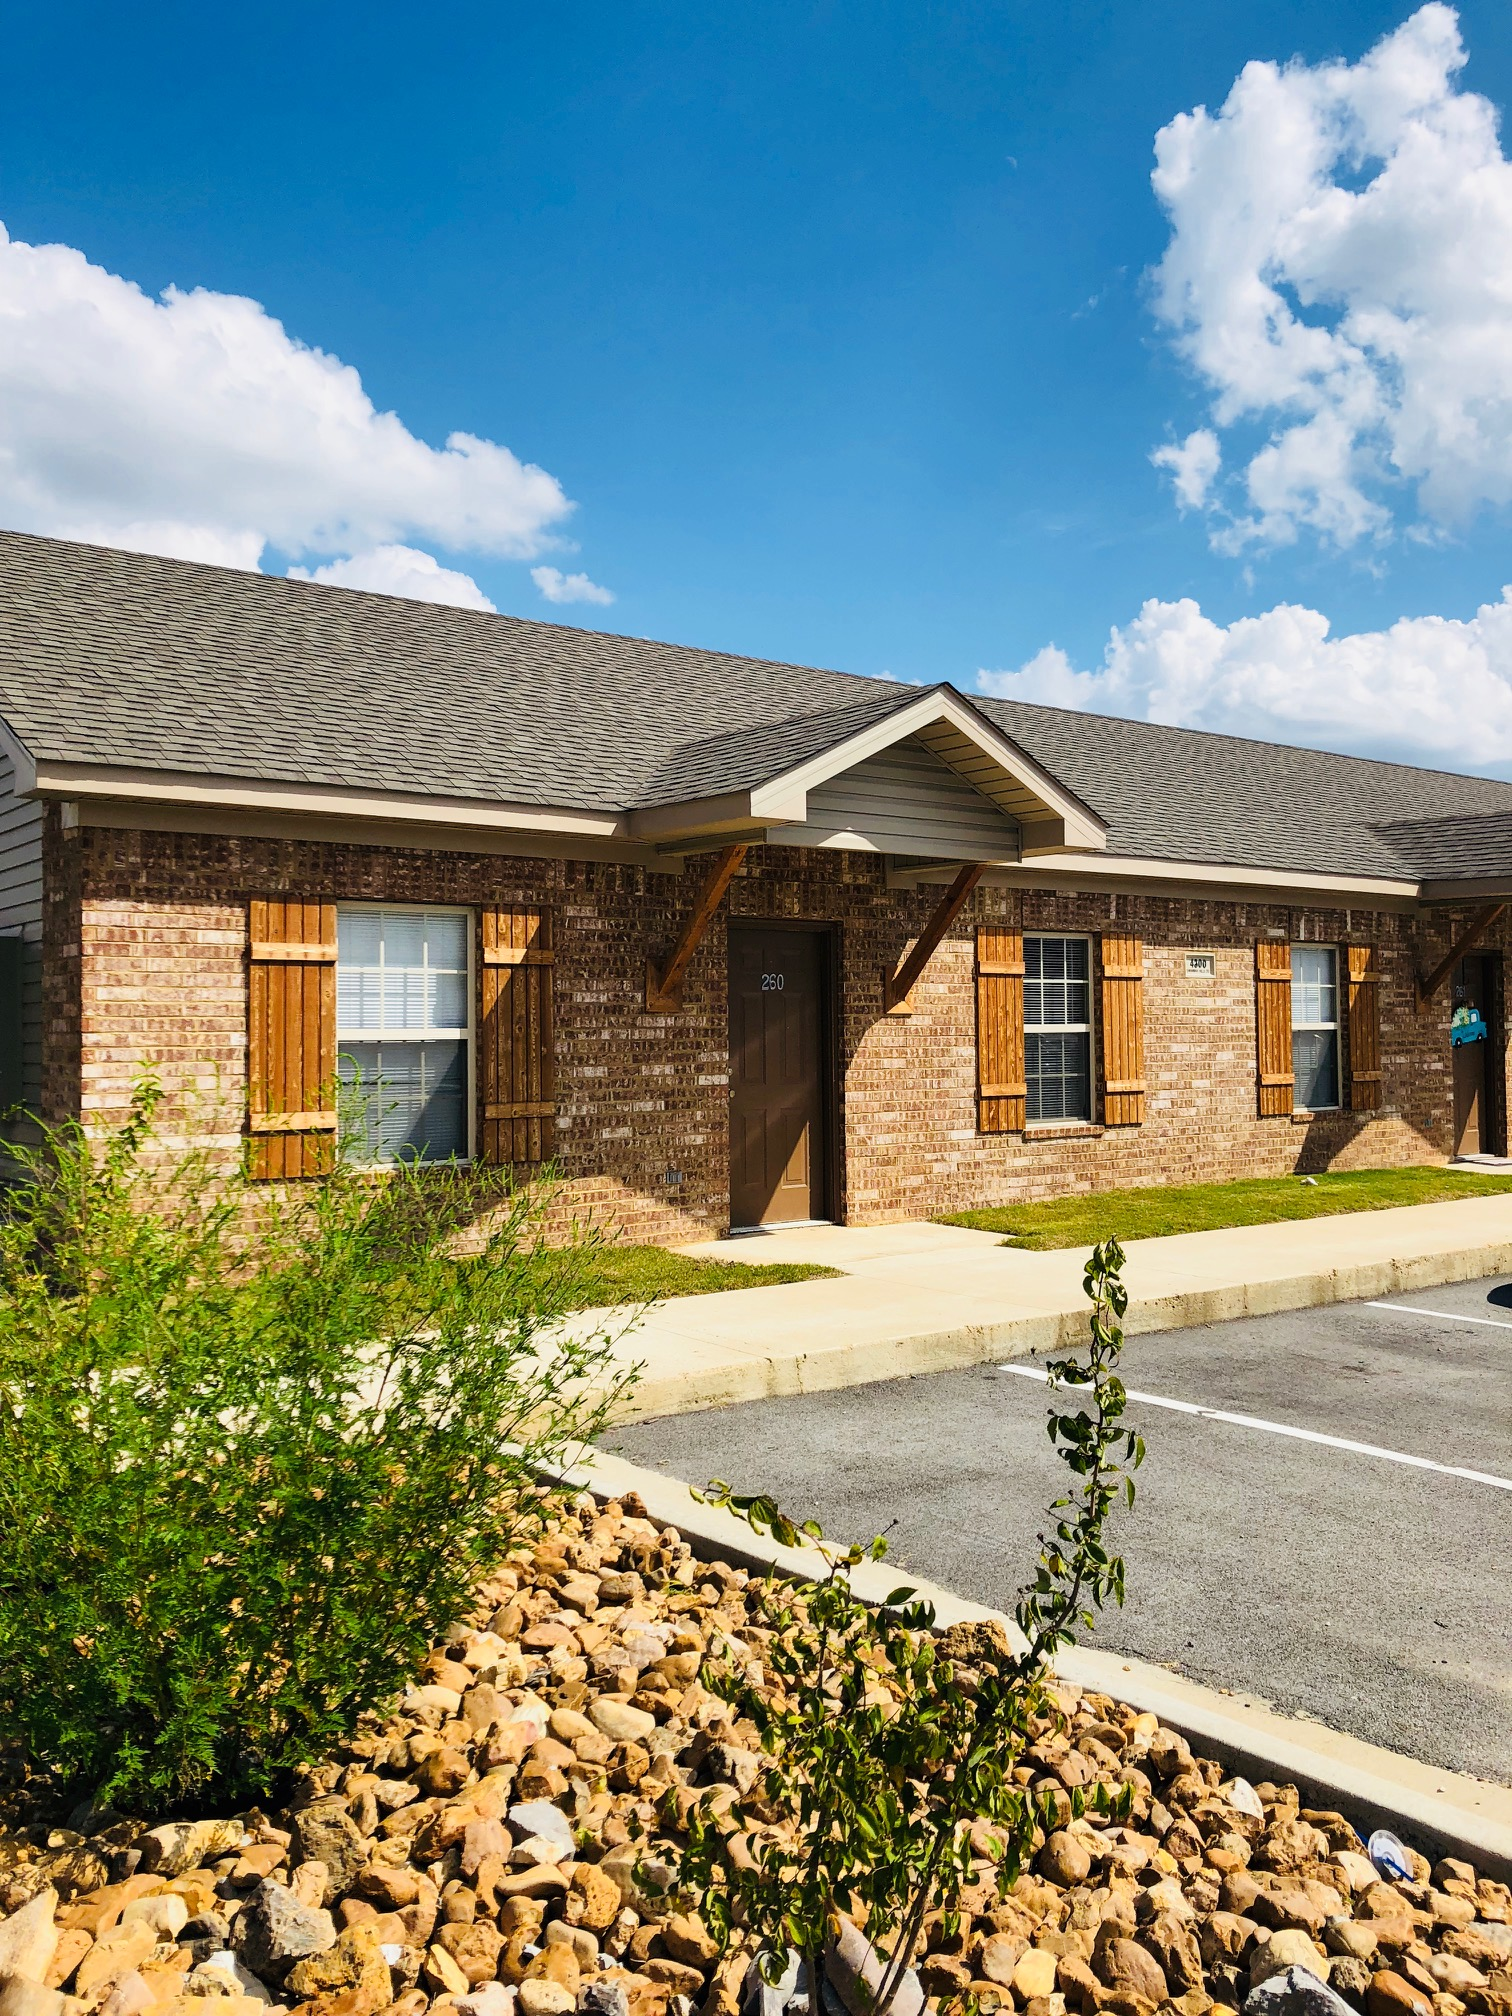 Savannah Hills – 4302 Savannah Hills Drive #264